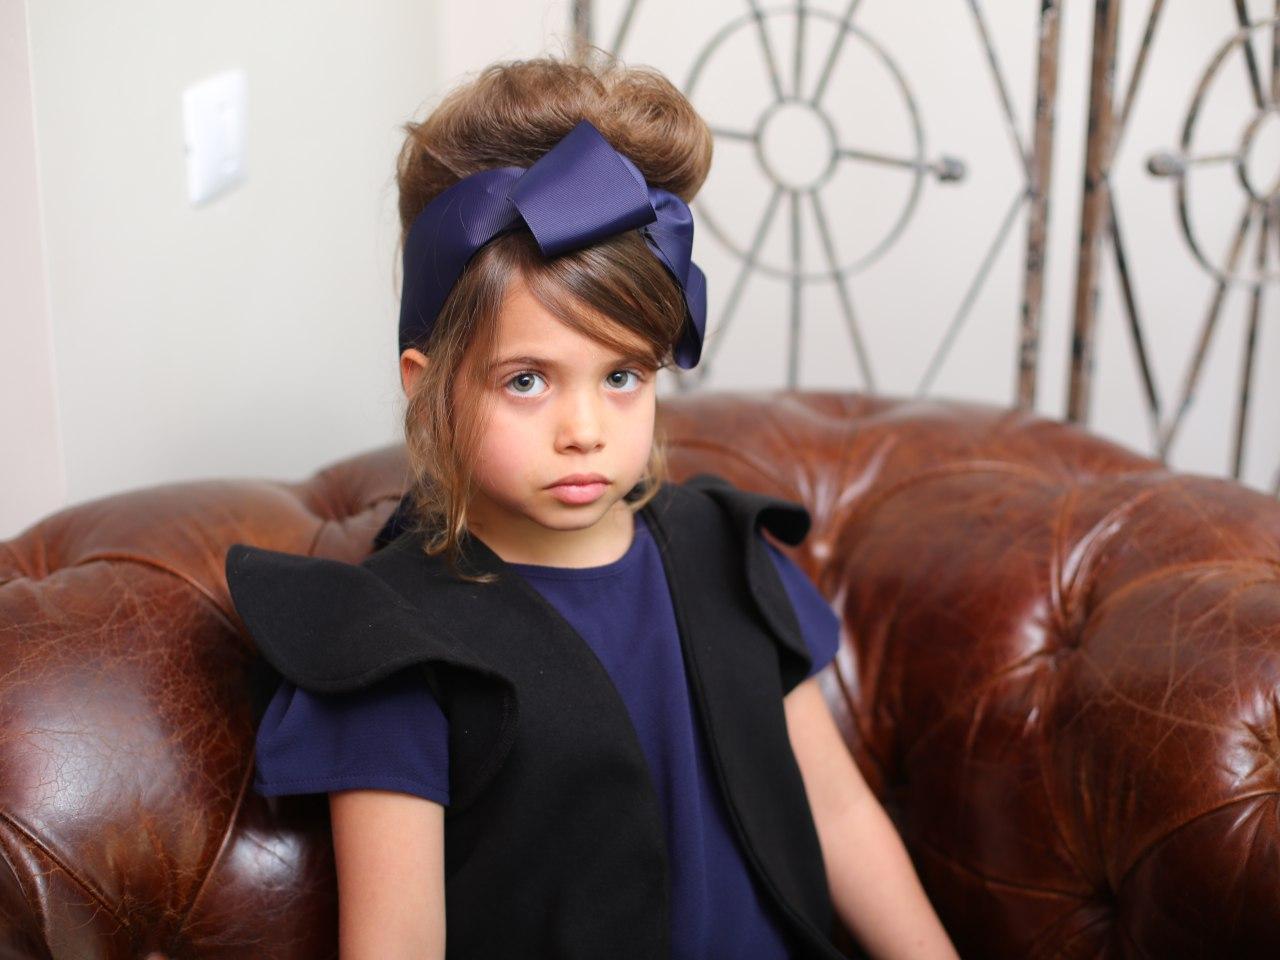 מהם הגורמים המשפיעים על החוש האופנתי של ילדות?